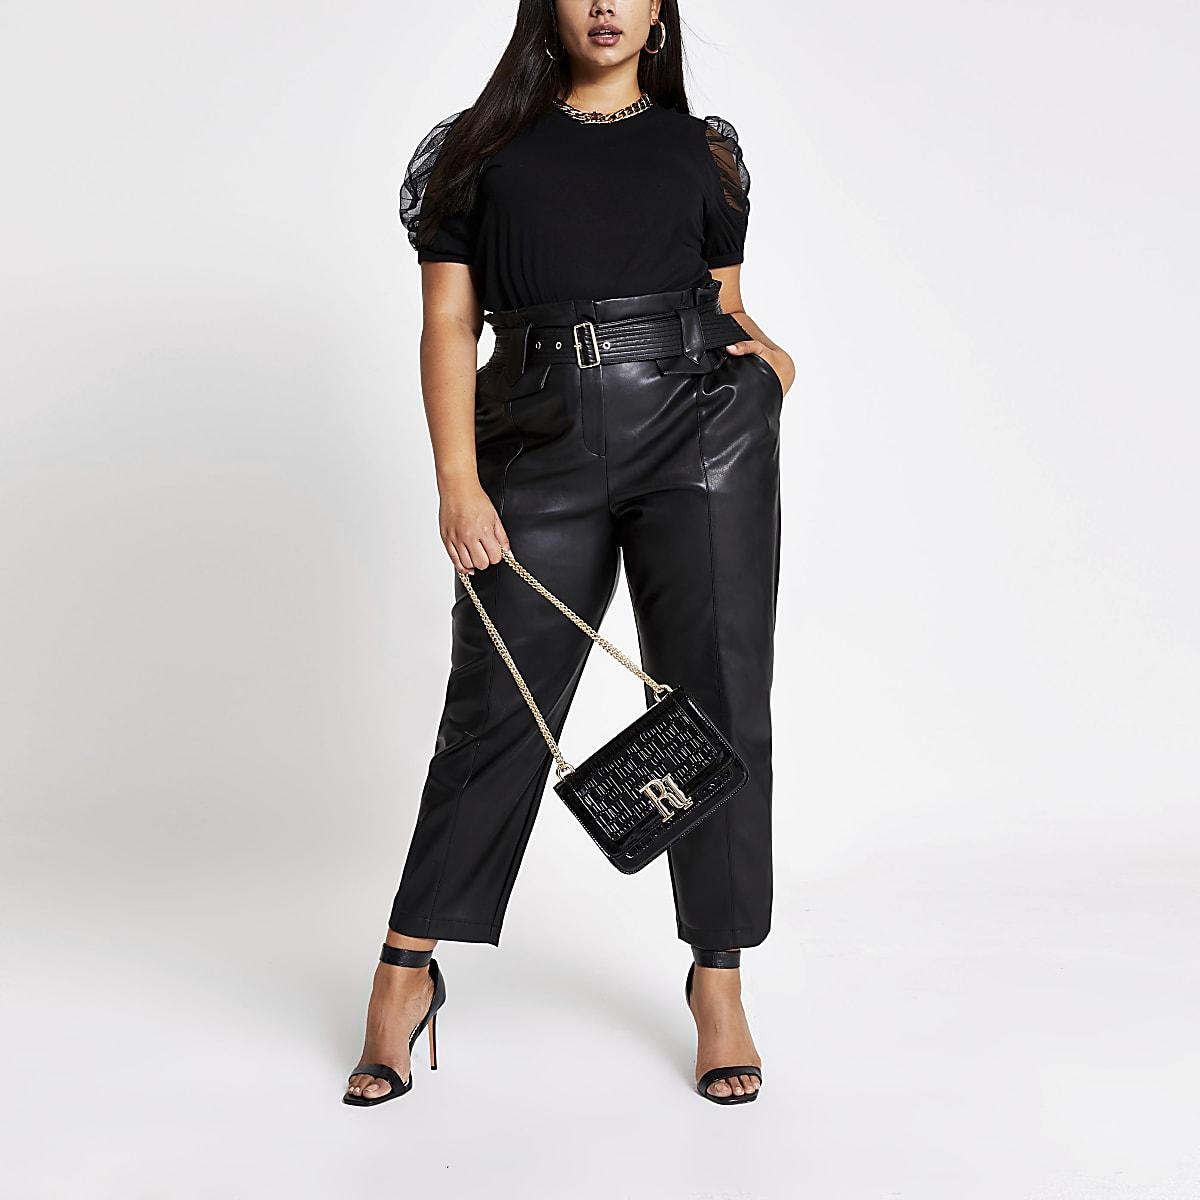 Plus– T-shirt noirà manches courtes bouffantes en tulle